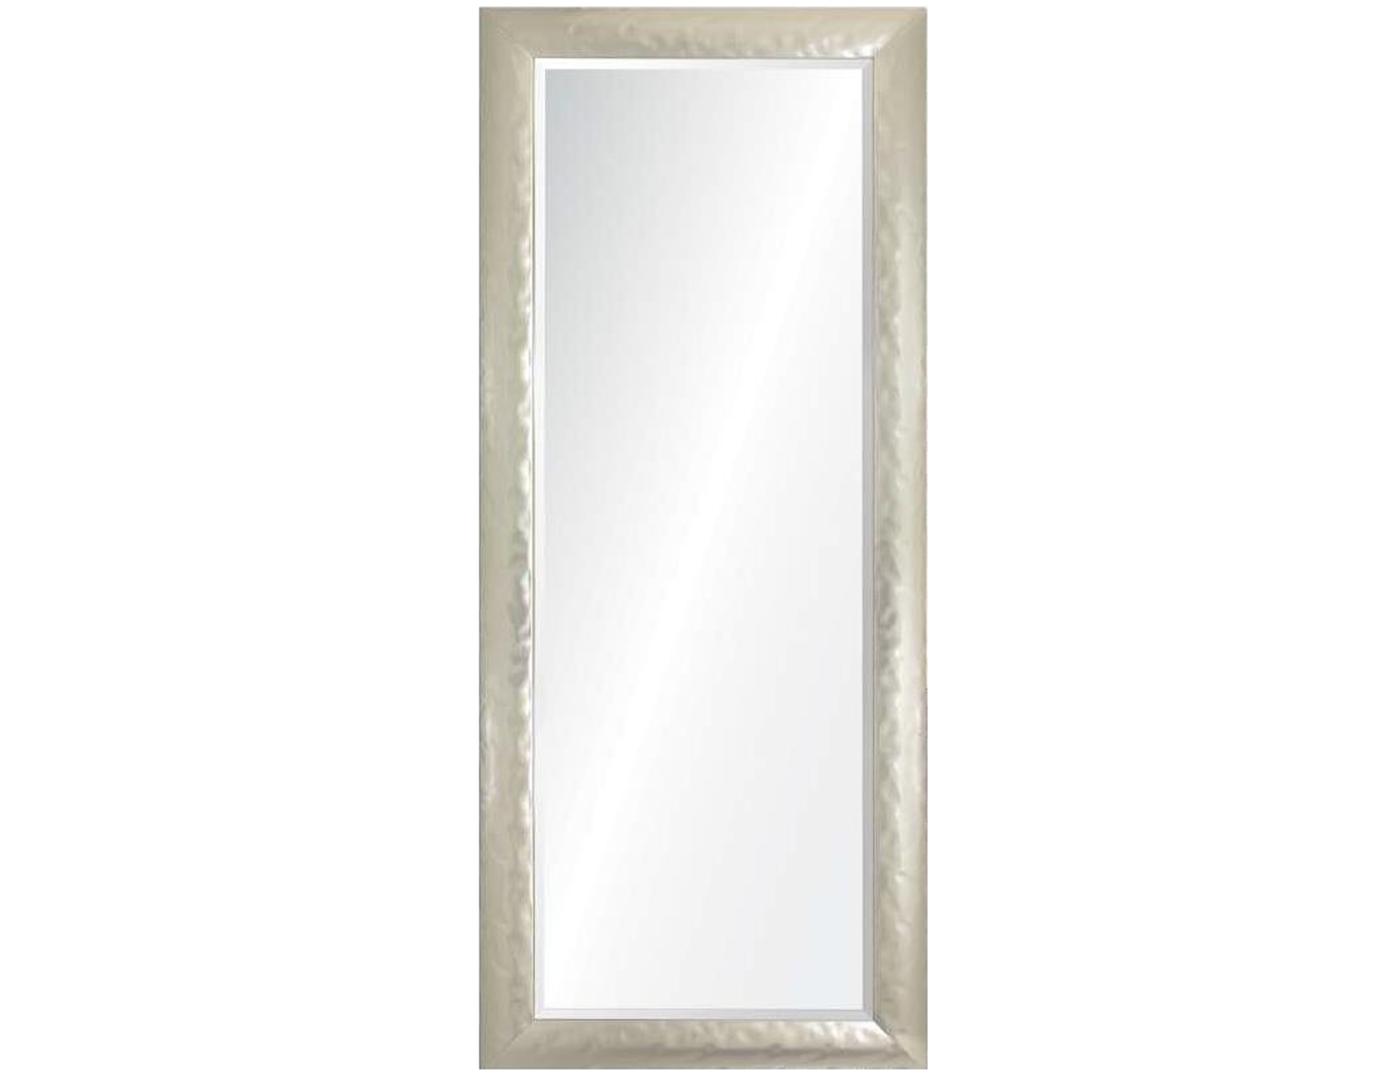 Steinhafels Decor Amp Accents Mirrors